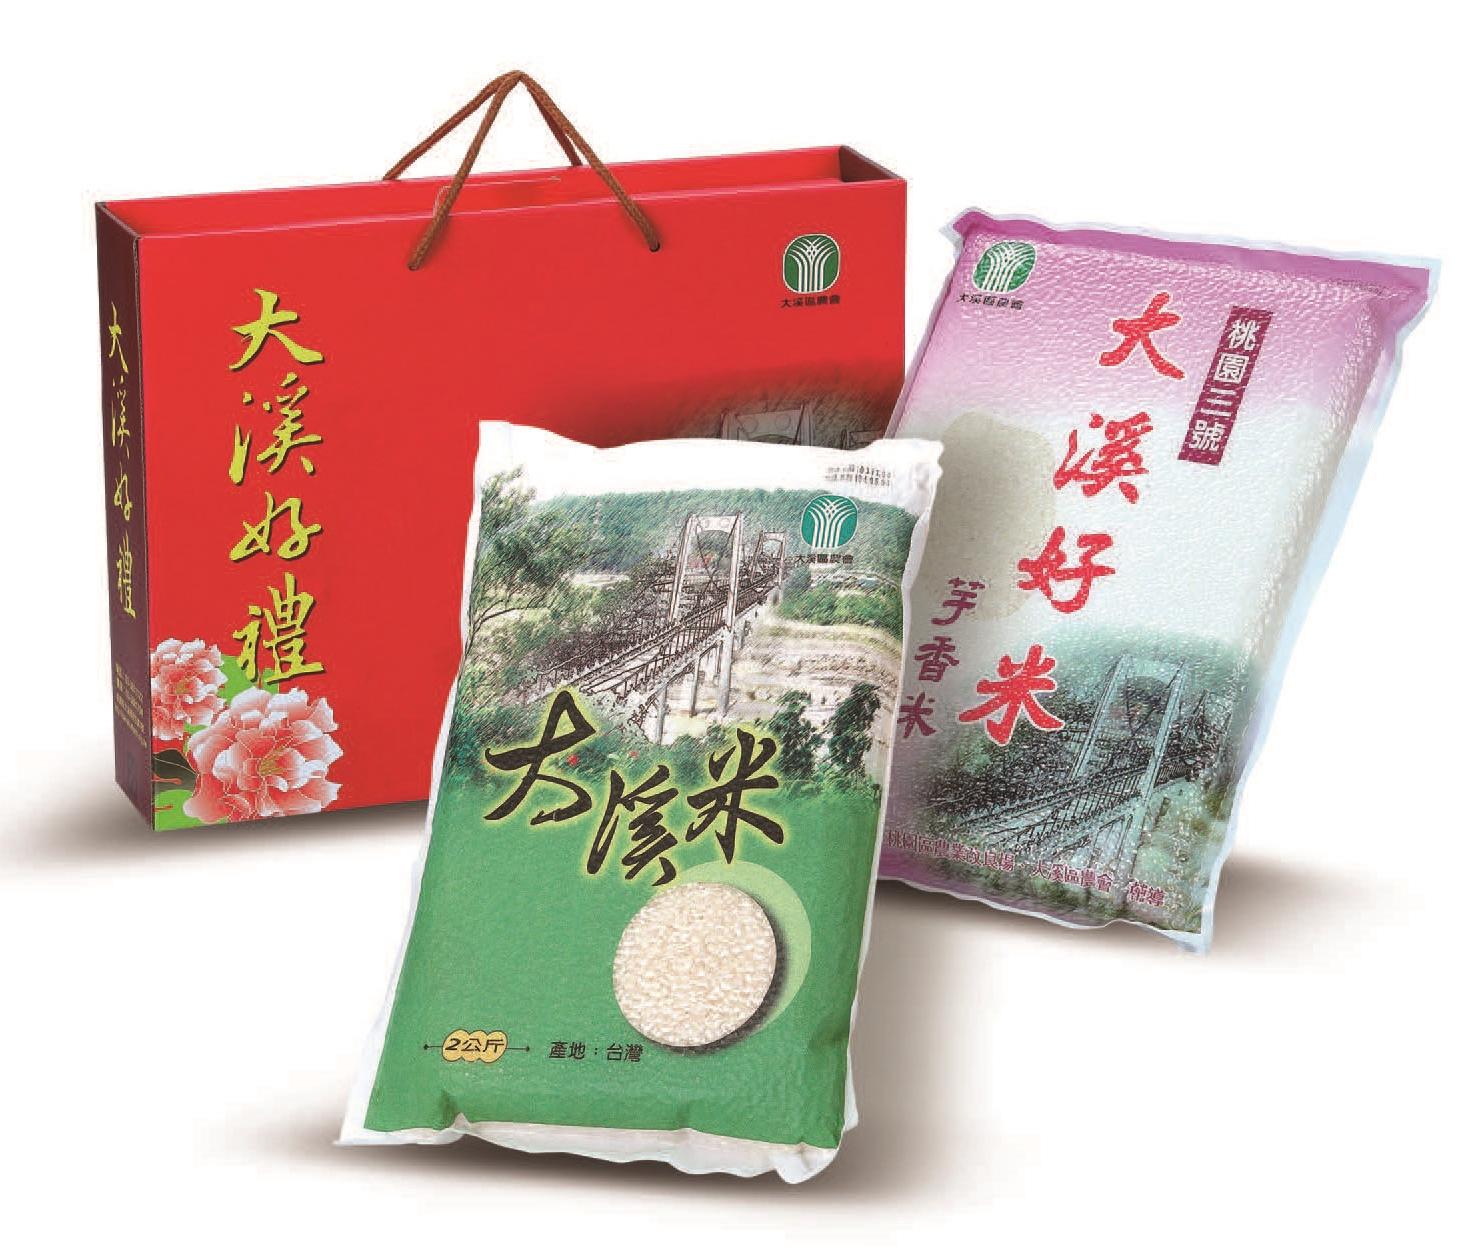 大溪區品牌米-大溪米之照片